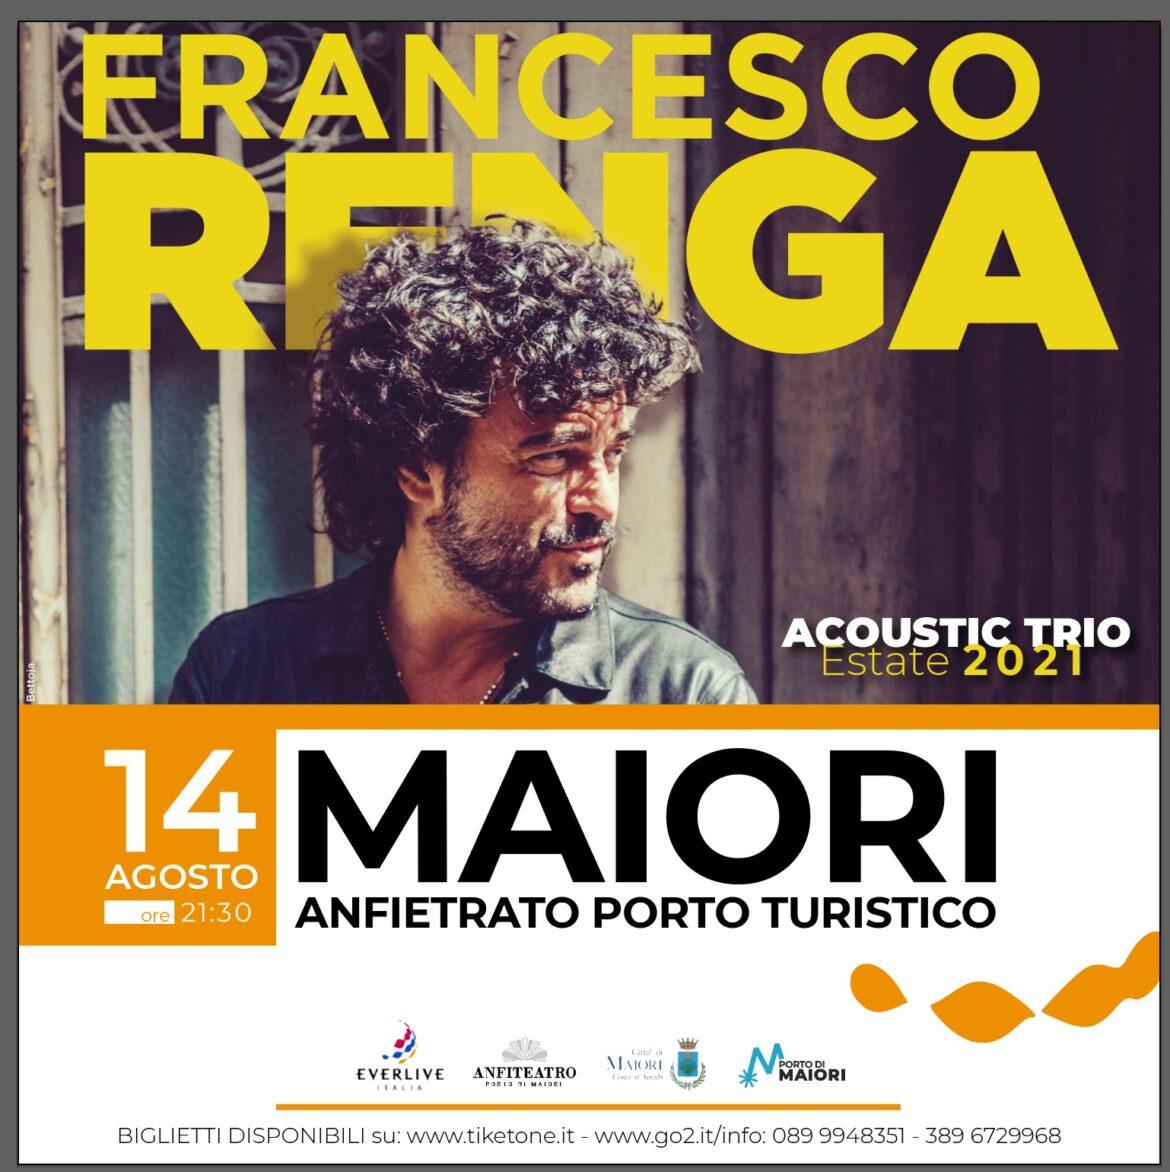 """""""ACOUSTIC TRIO – ESTATE 2021"""" , Francesco Renga torna live in tutta Italia. Sabato 14 agosto 2021 gran concerto a Maiori"""